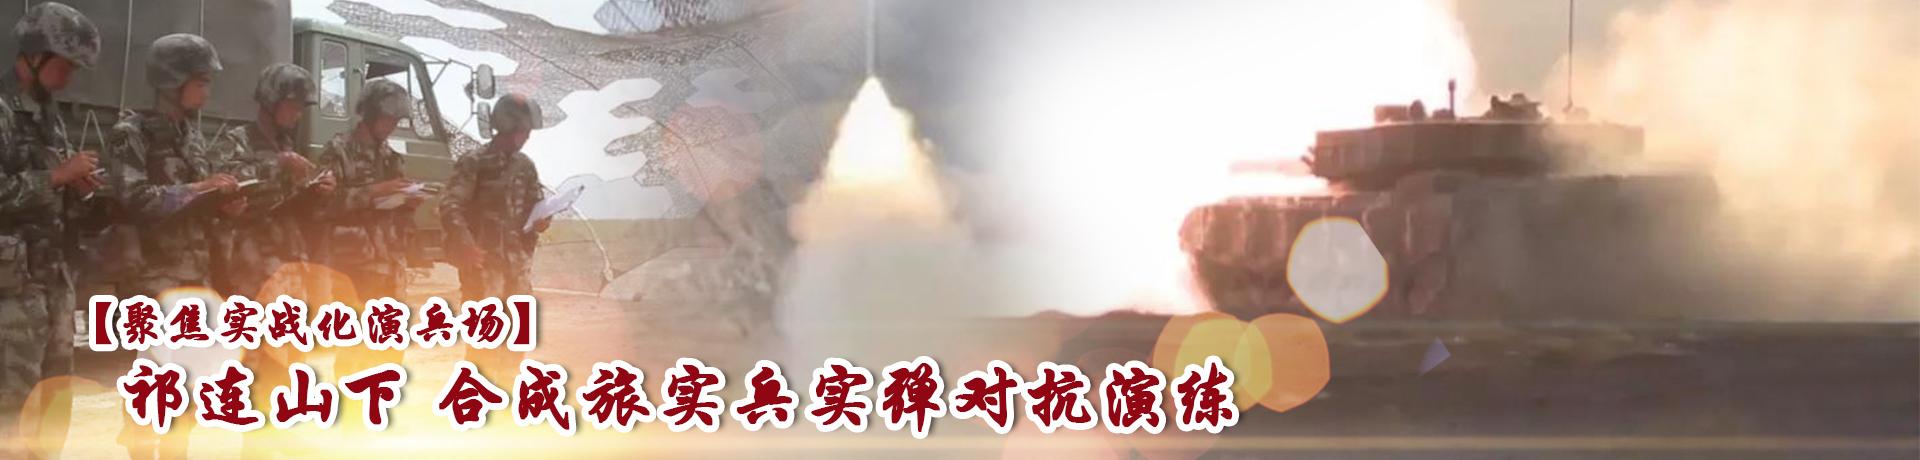 【聚焦實戰化演兵場】祁連山下 合成旅實兵實彈對抗演練